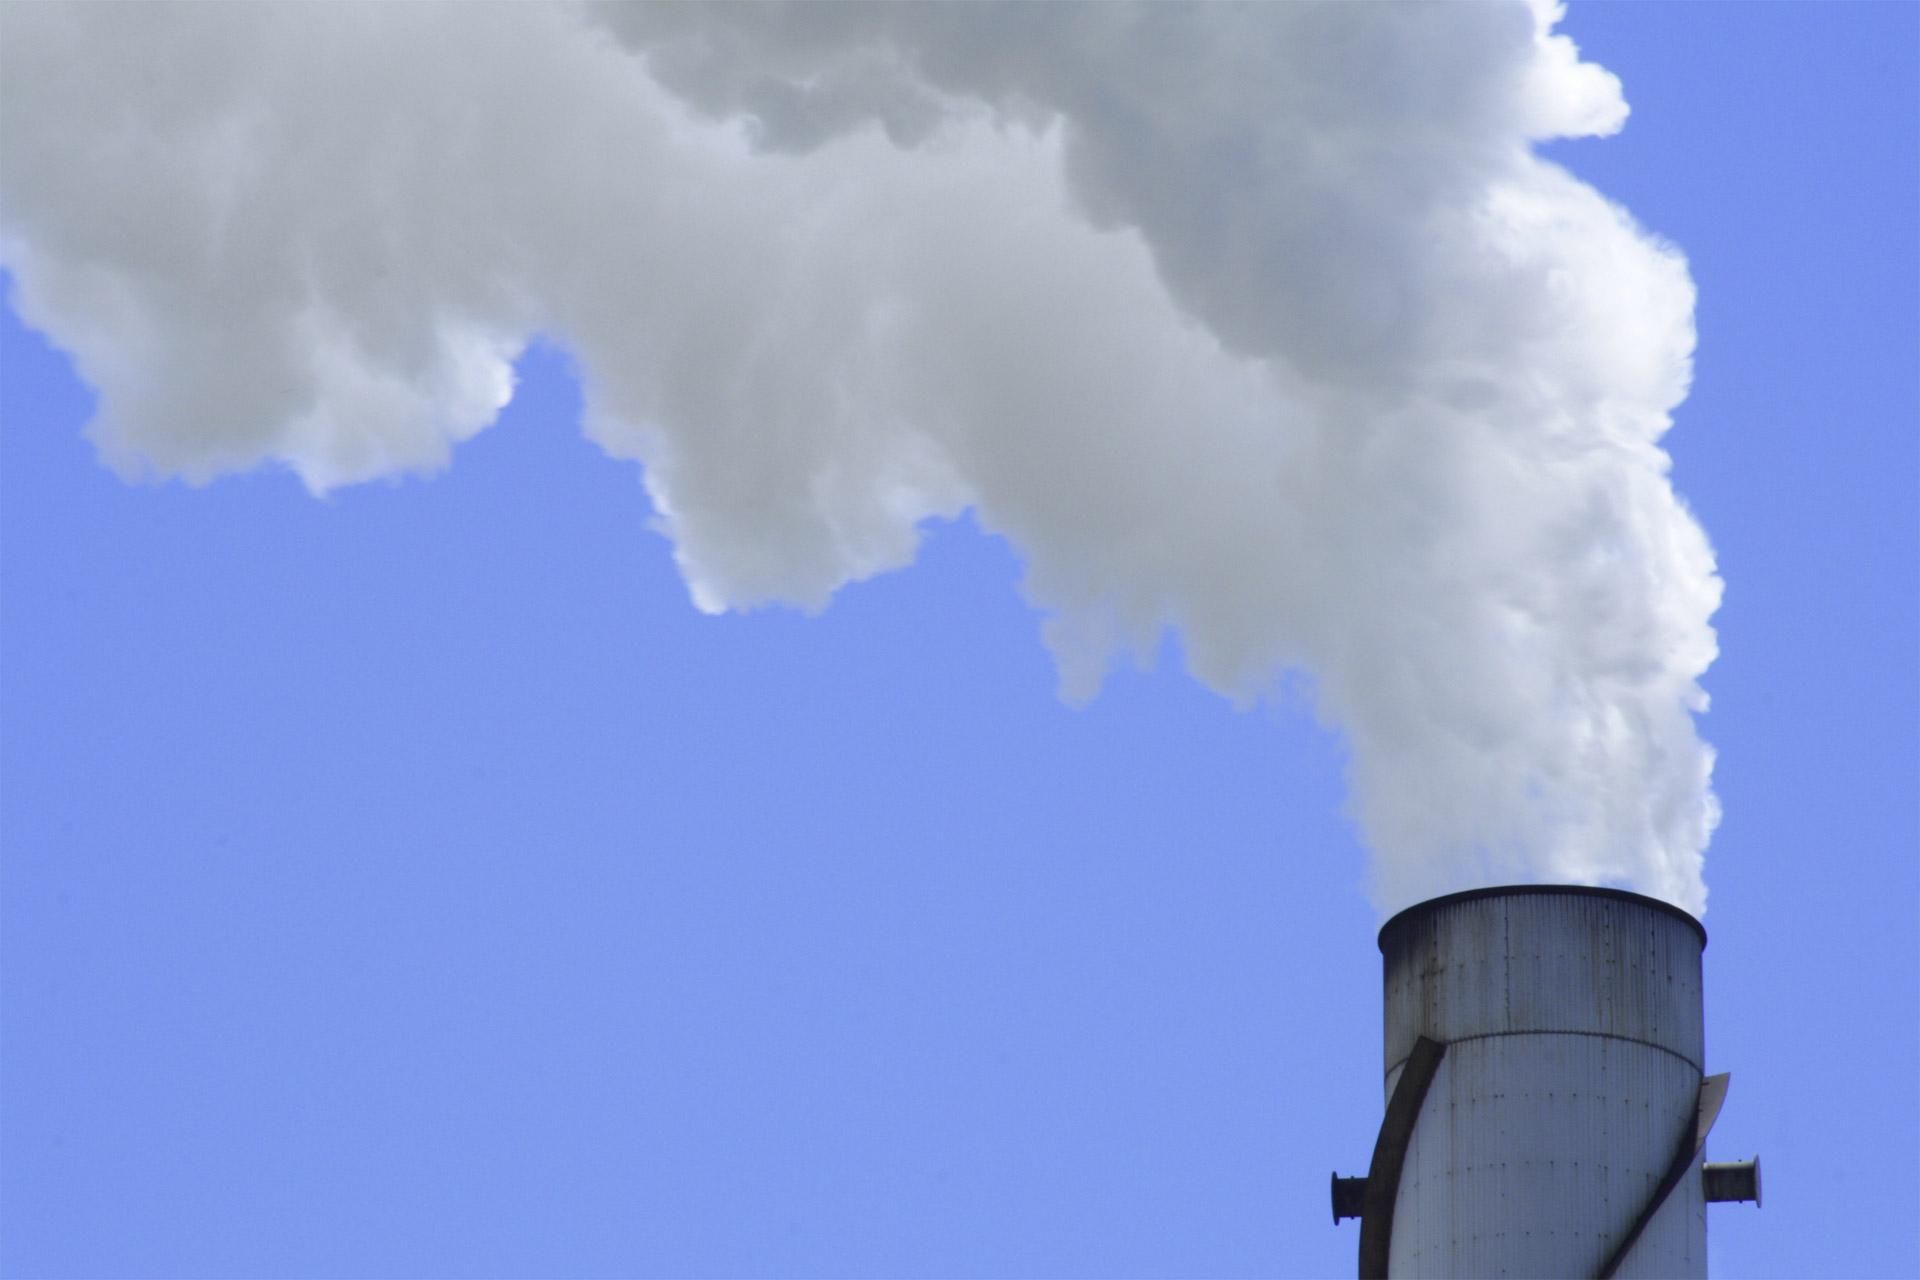 México y Colombia anunciaron su compromiso para reducir los gases del efecto invernadero